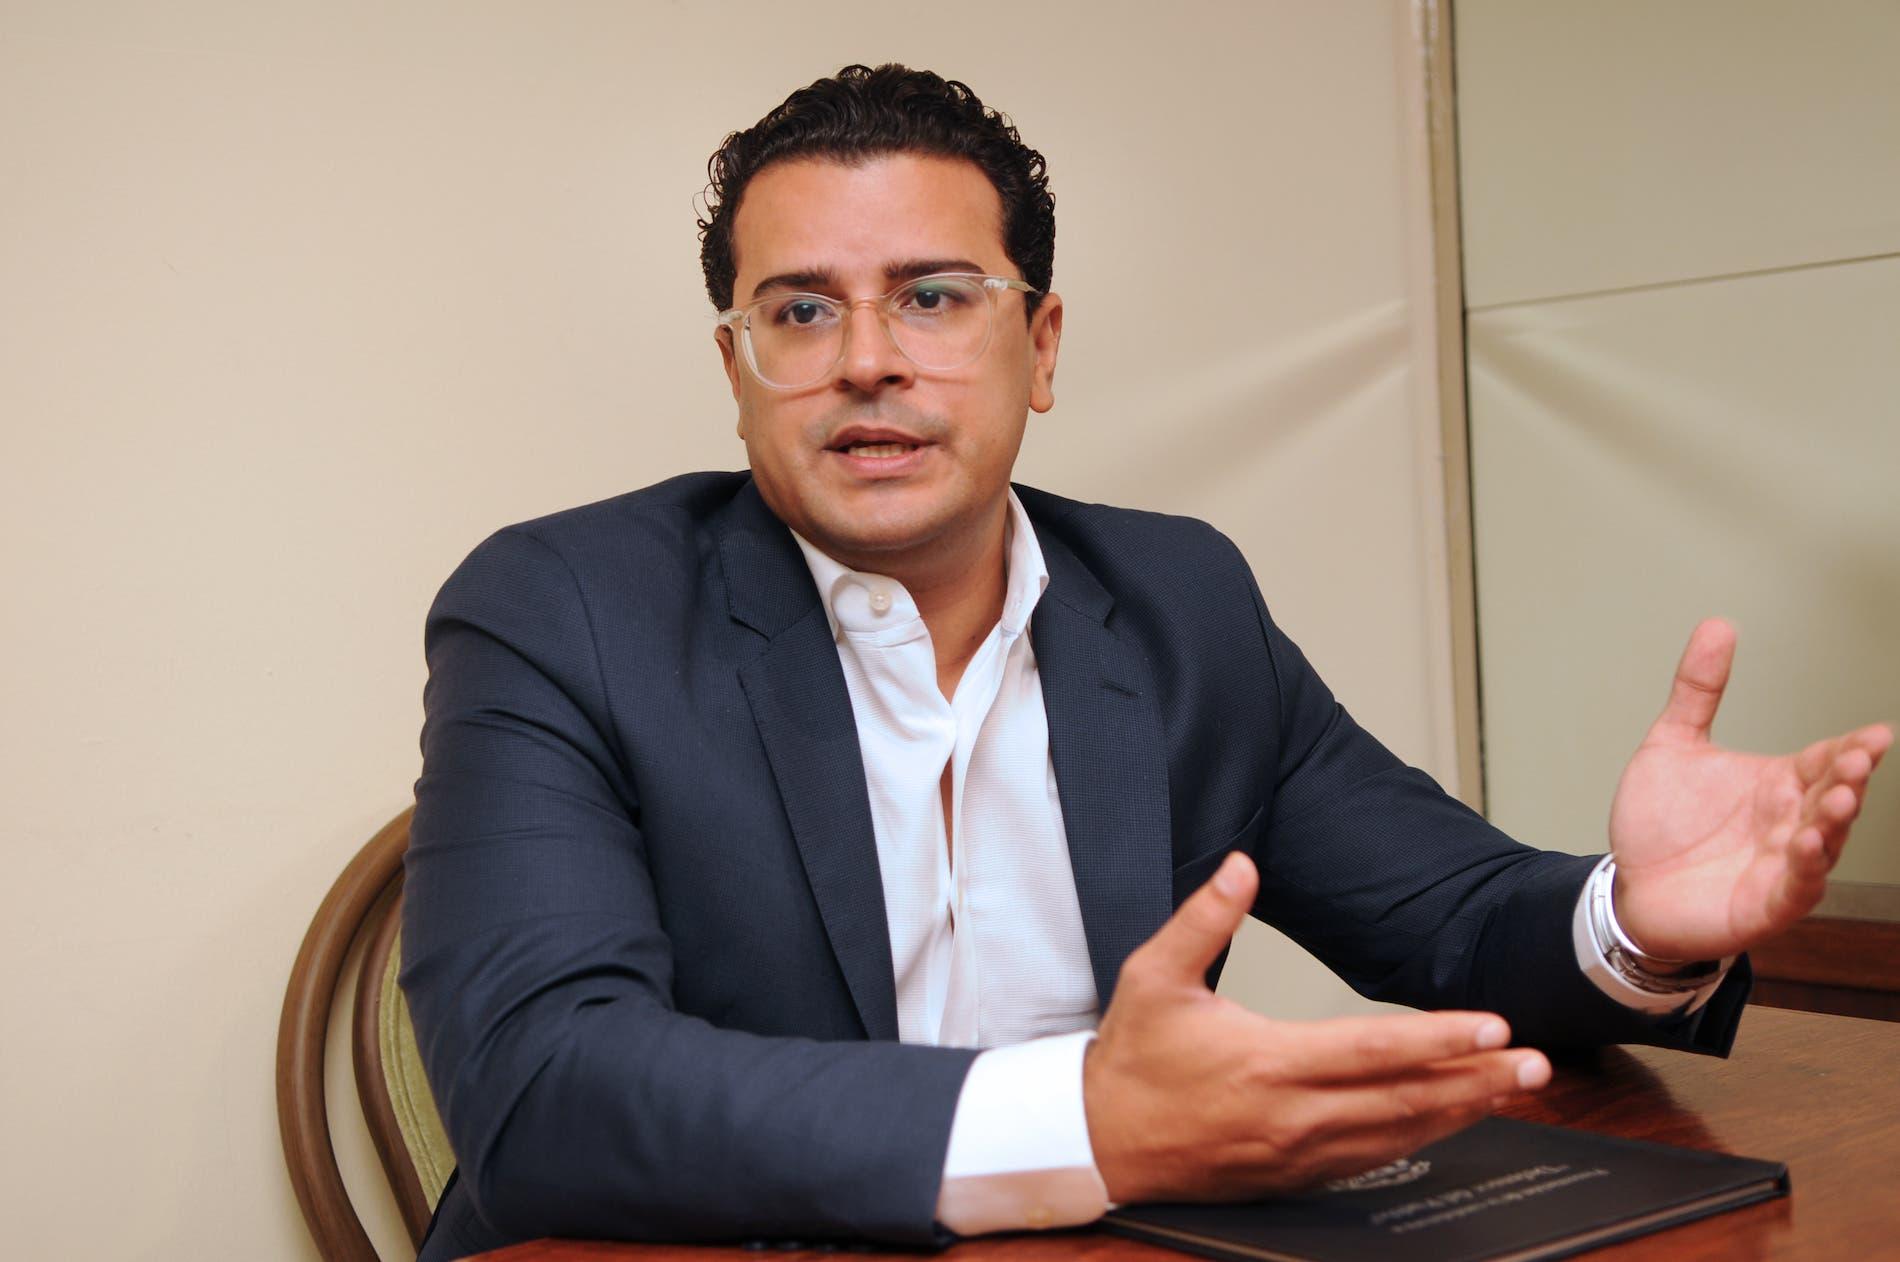 Caso de abogados contratados por Jean Alain hasta 2023: Martínez Hoepelman presenta renuncia formal